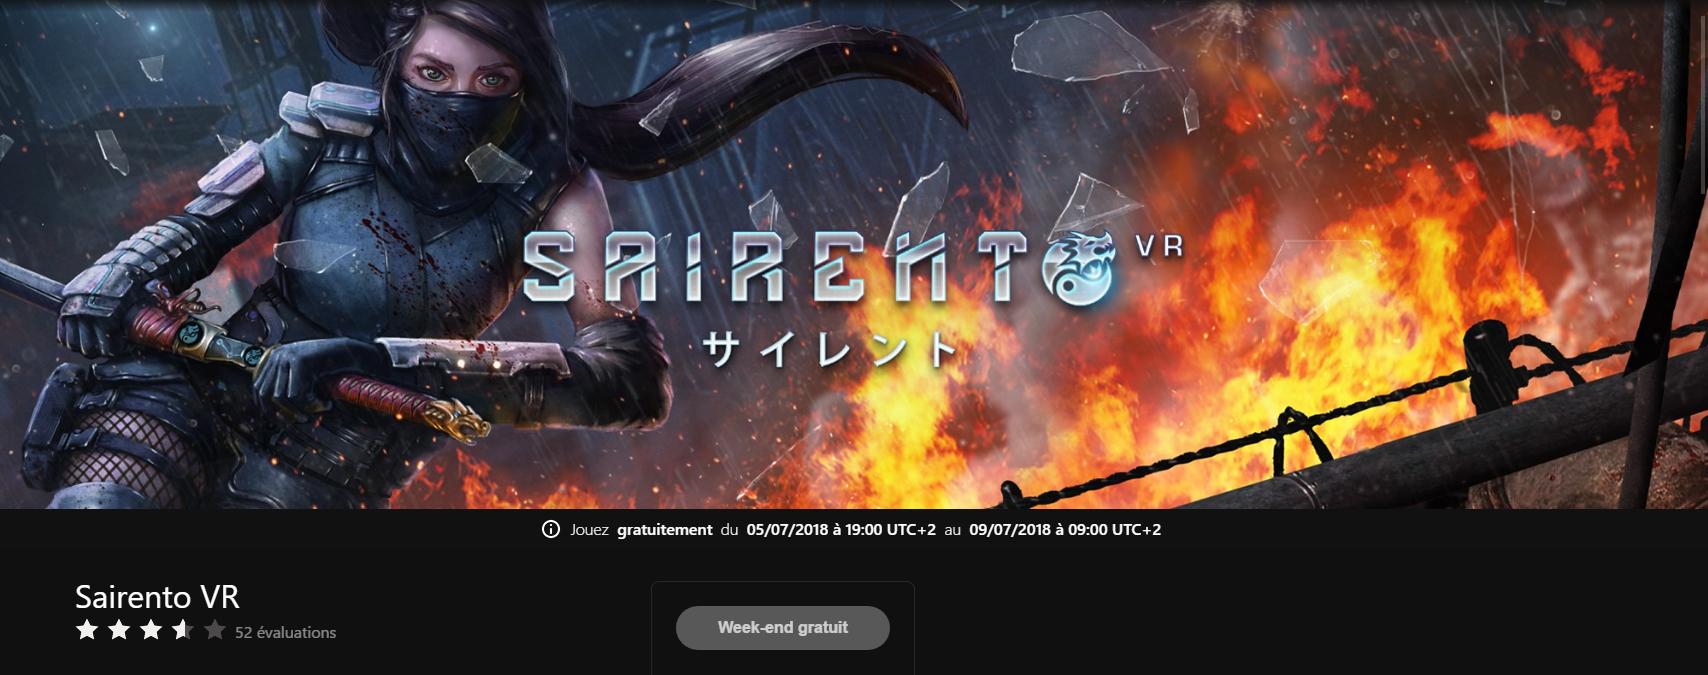 Jeu Sairento VR jouable gratuitement ce week-end sur Oculus Rift